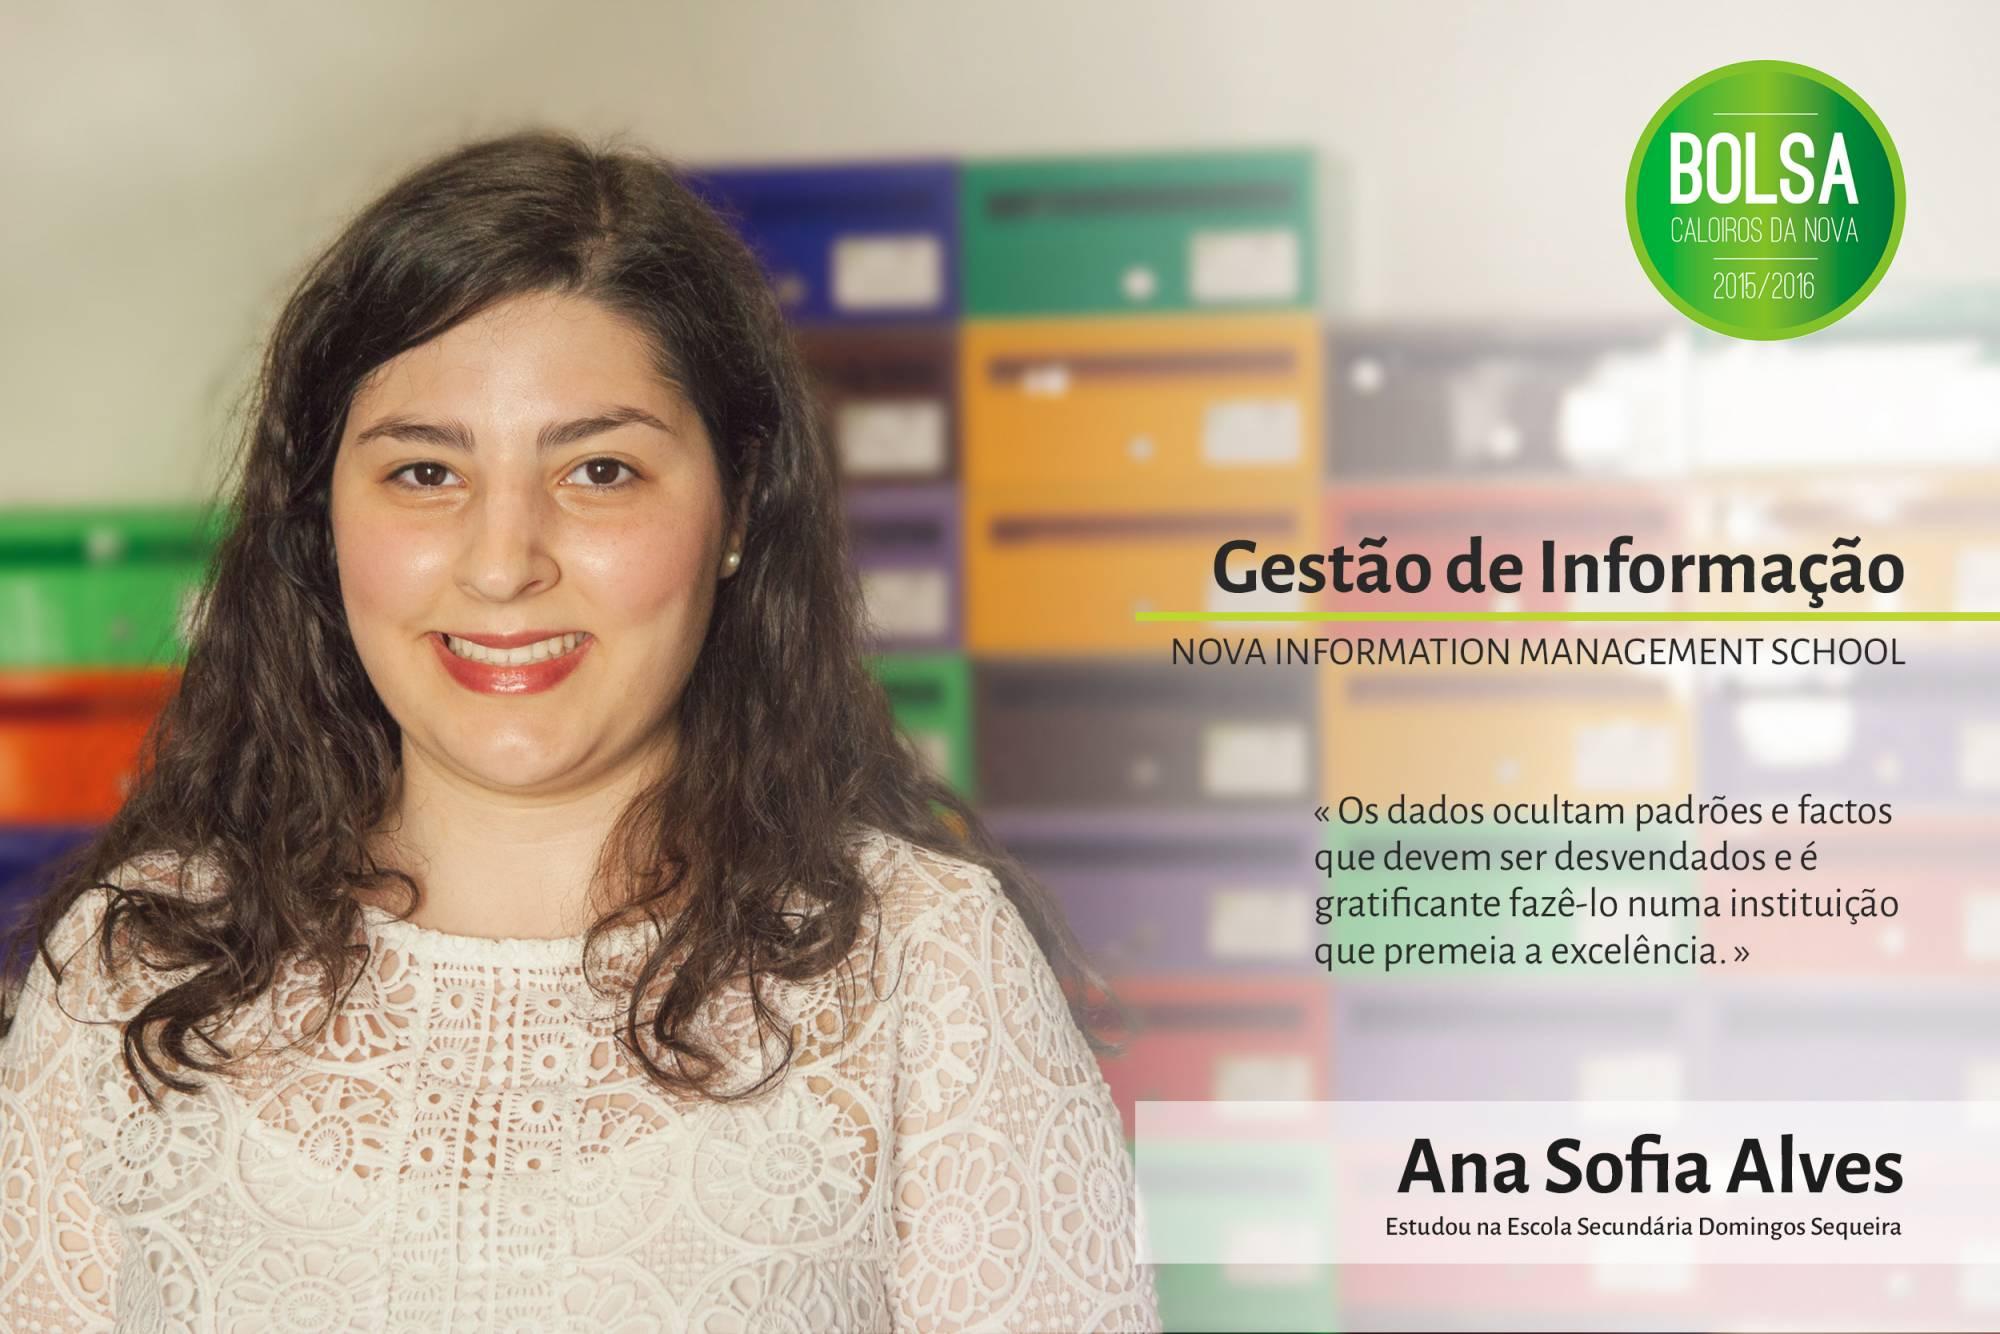 Ana Sofia Alves, NOVA Information Management School